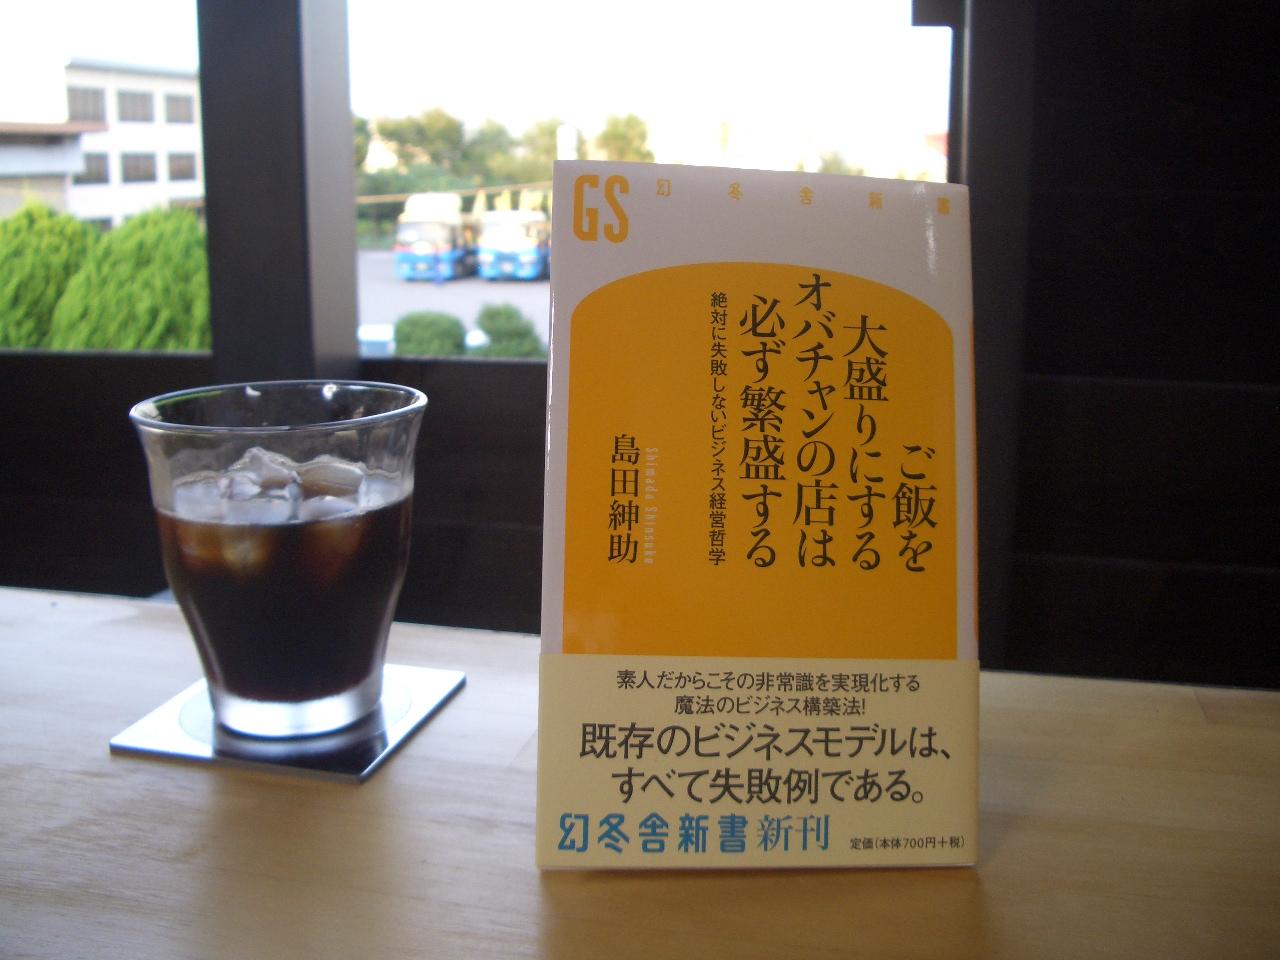 アイス珈琲と本